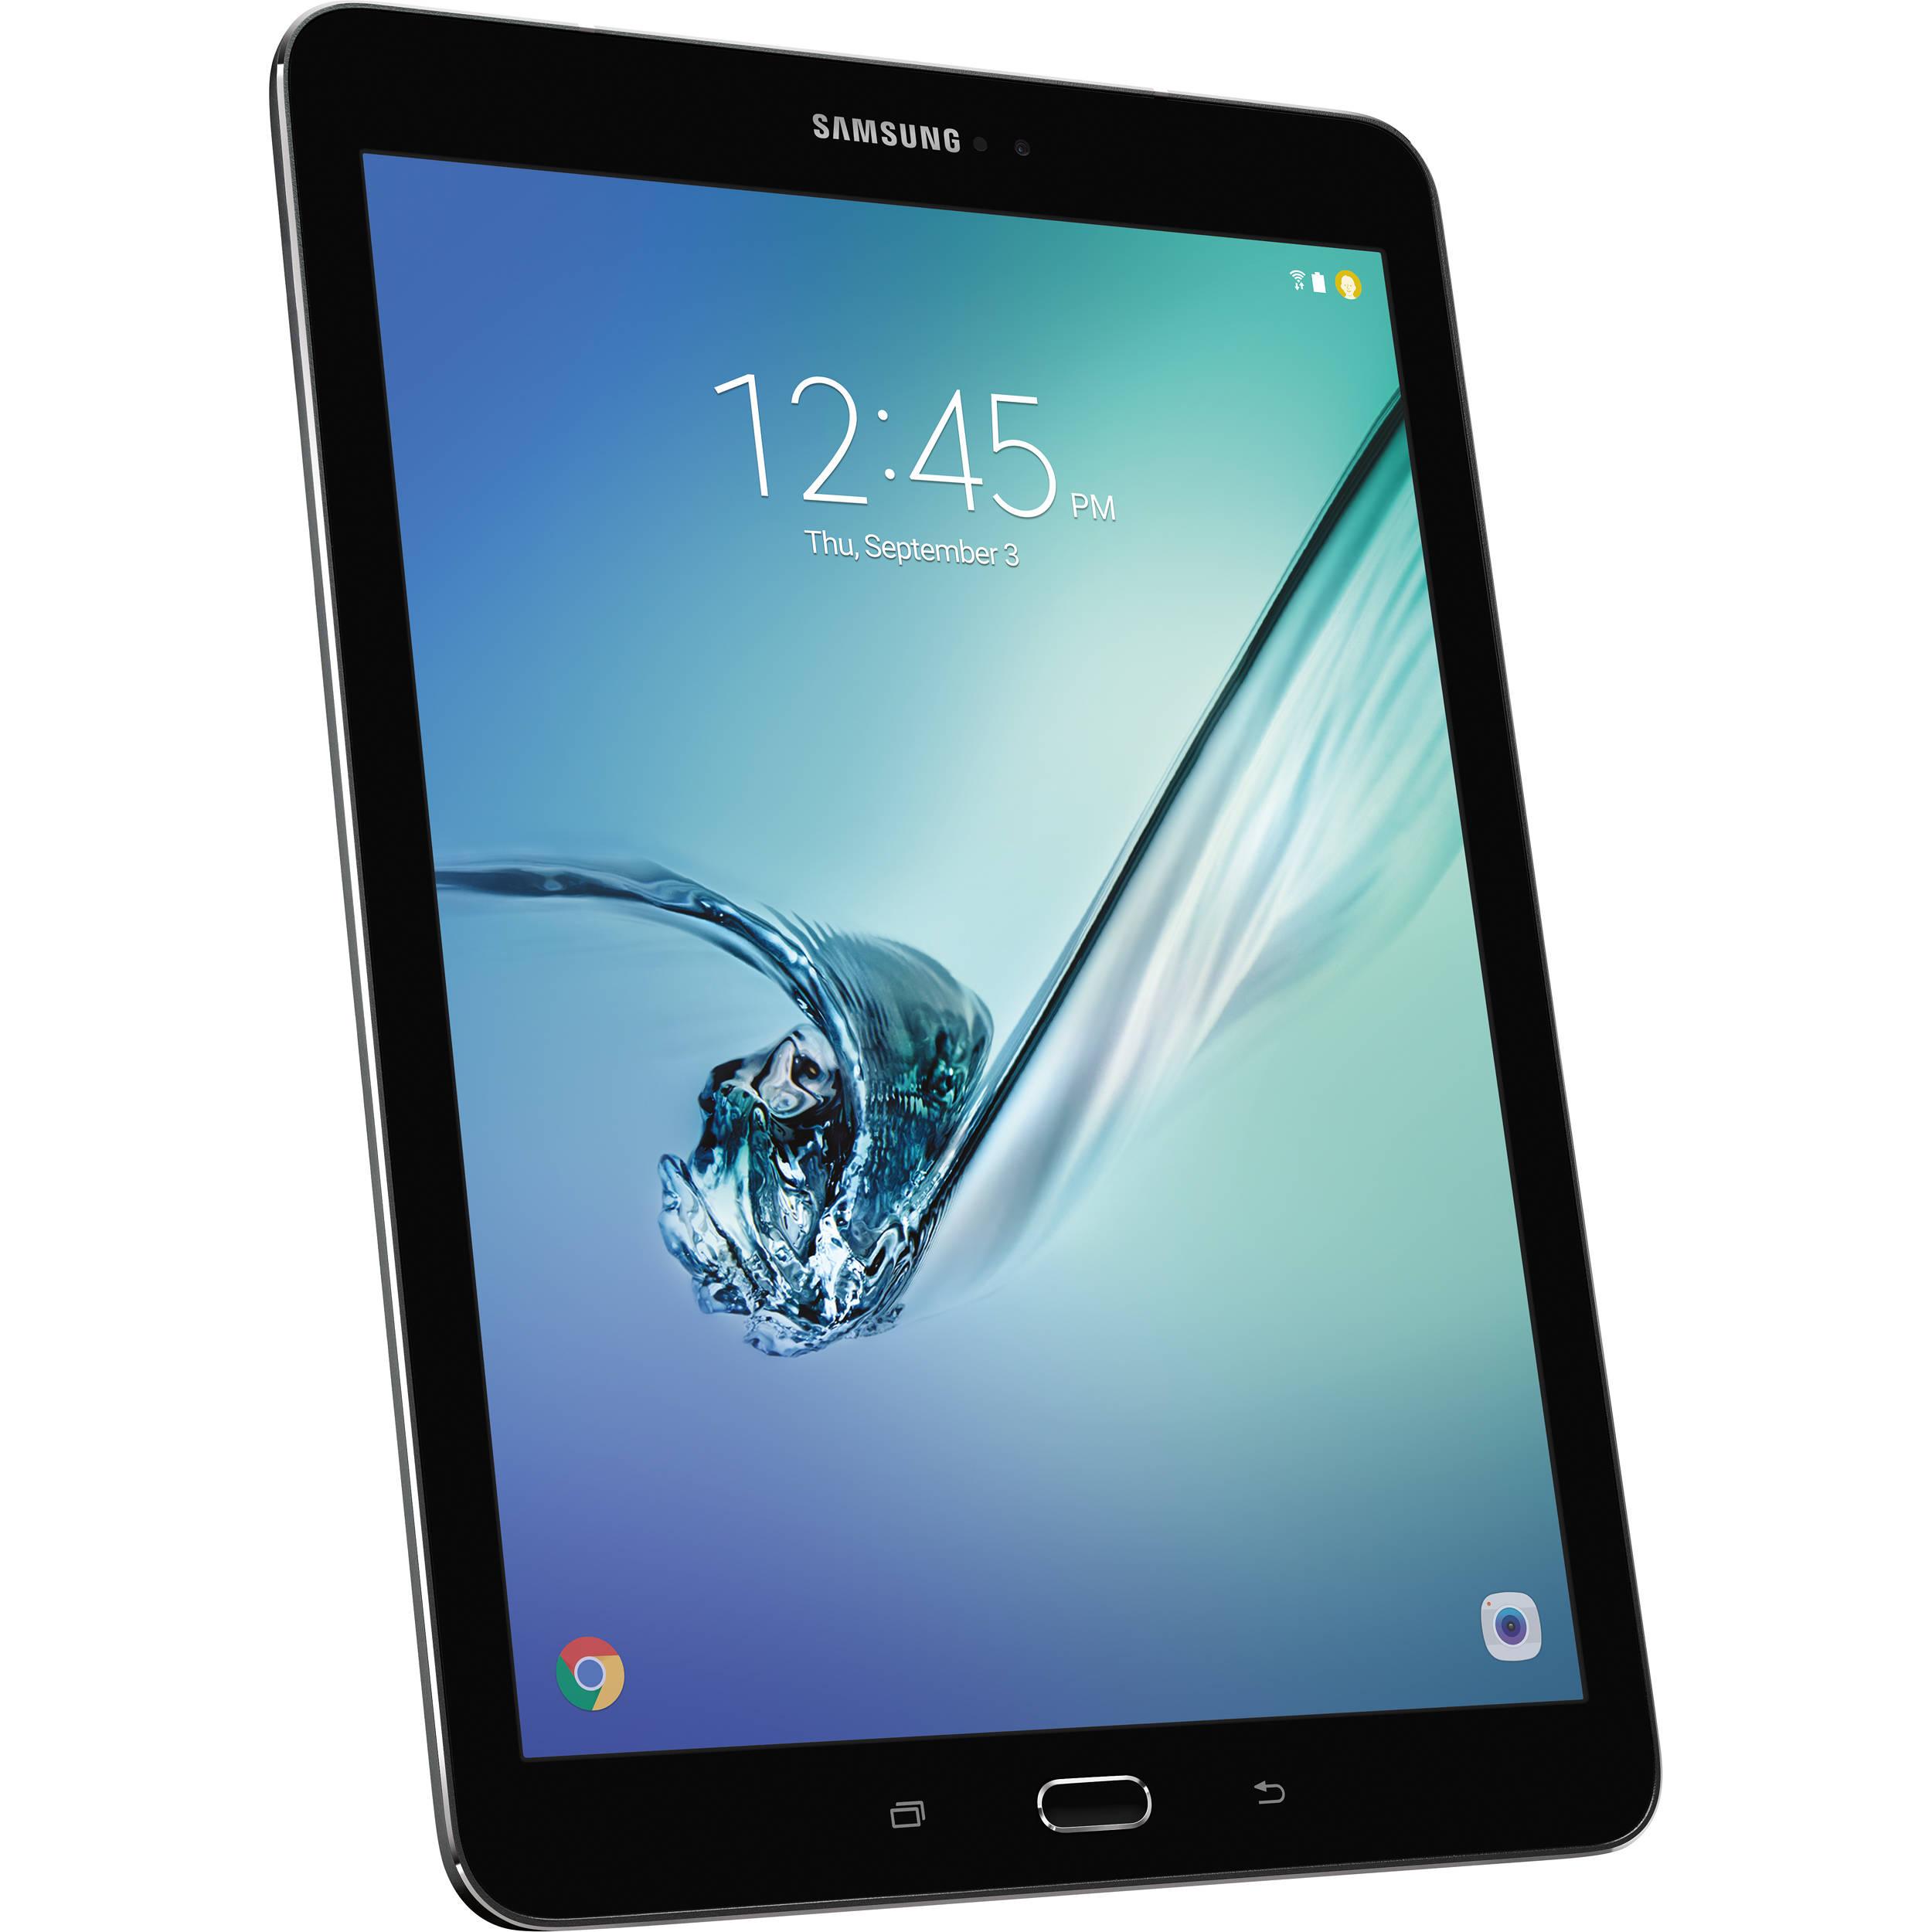 Pierwszym urz±dzeniem które otrzyma³o styczniow± aktualizacjê zabezpieczeñ okazuje siê byæ Samsung Galaxy Tab A (2016)